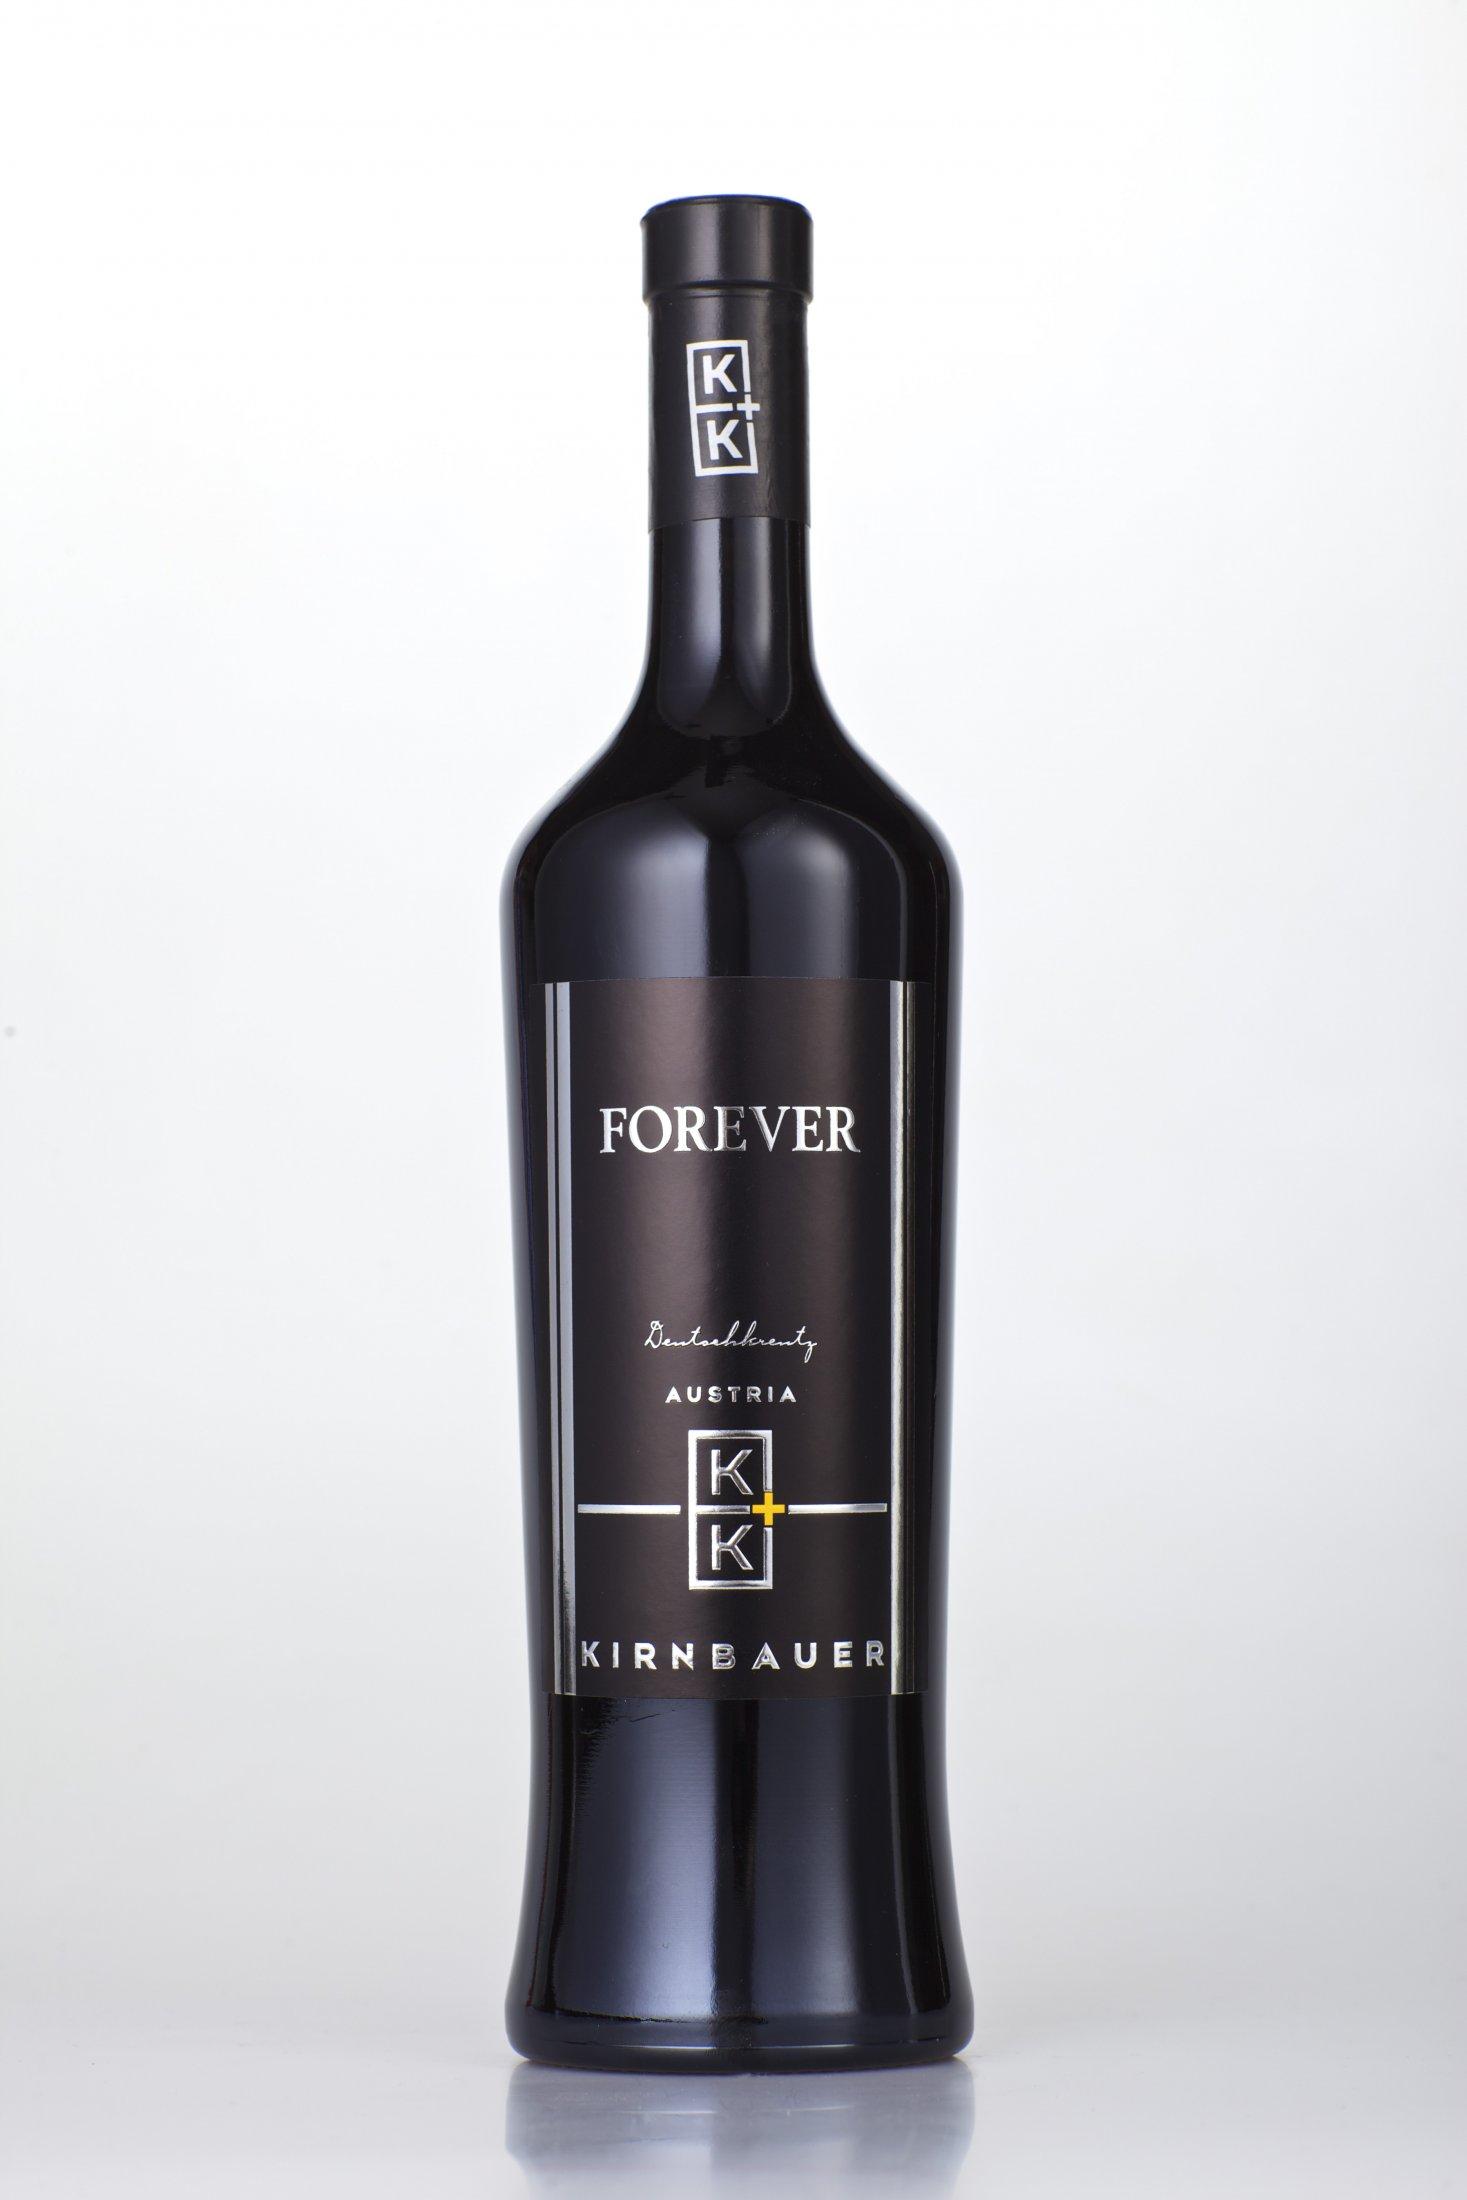 KK Forever - Weingut K+K Kirnbauer